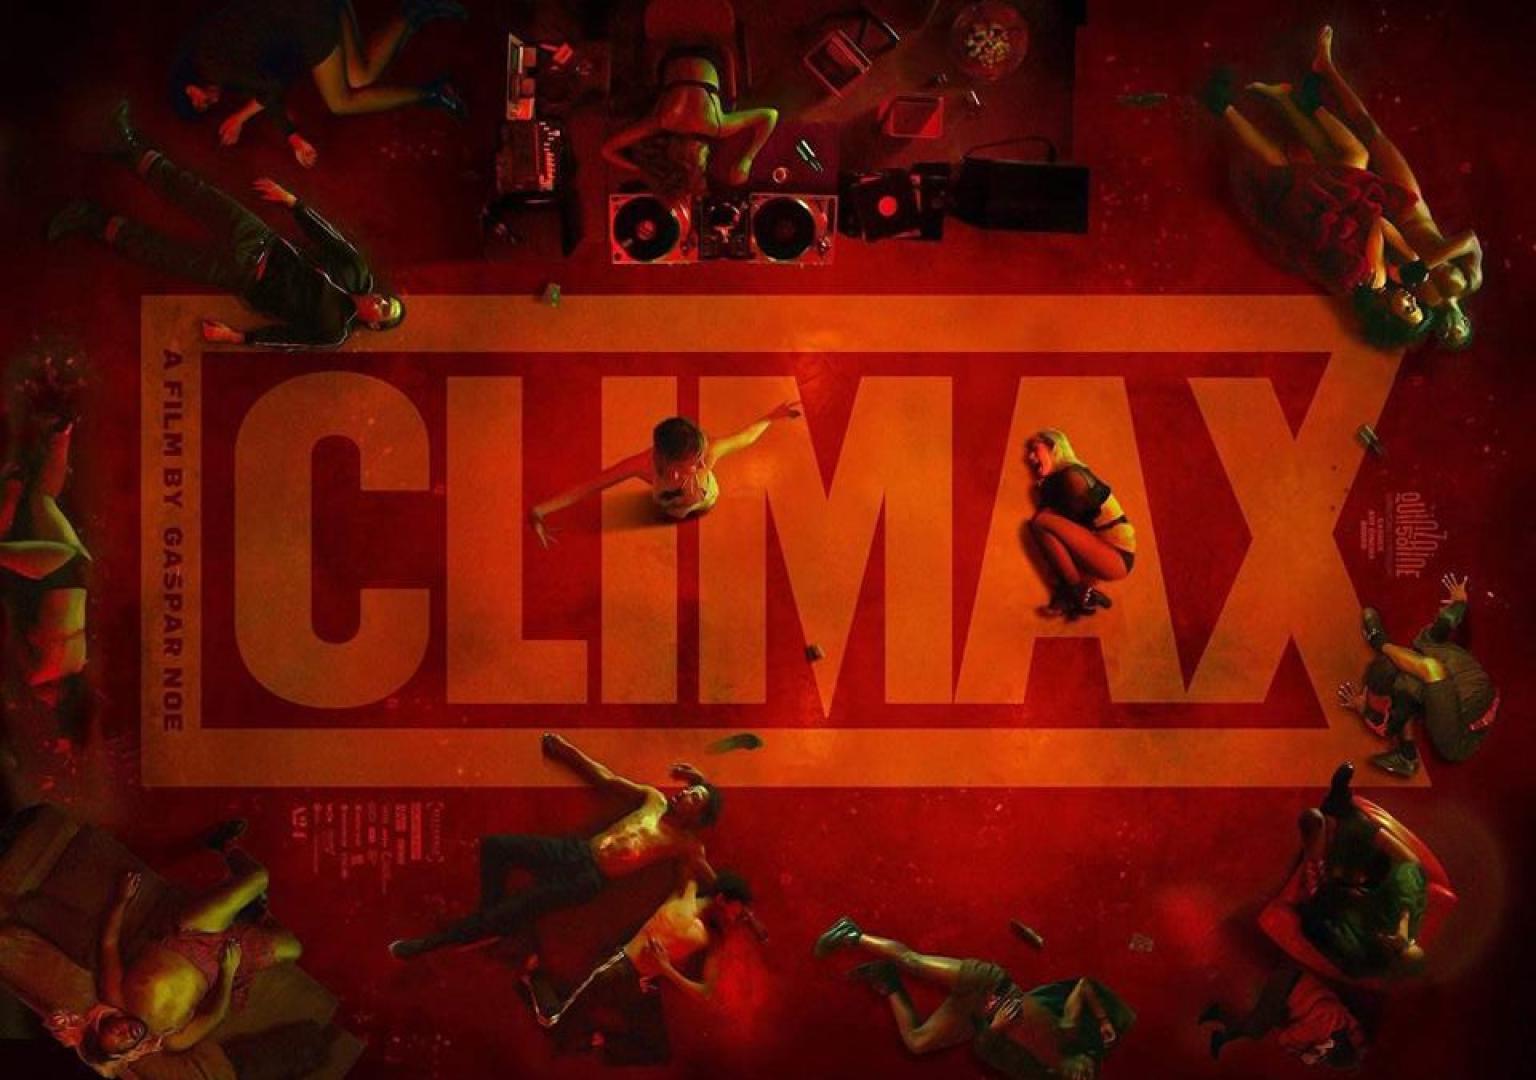 Climax - Eksztázis (2018)